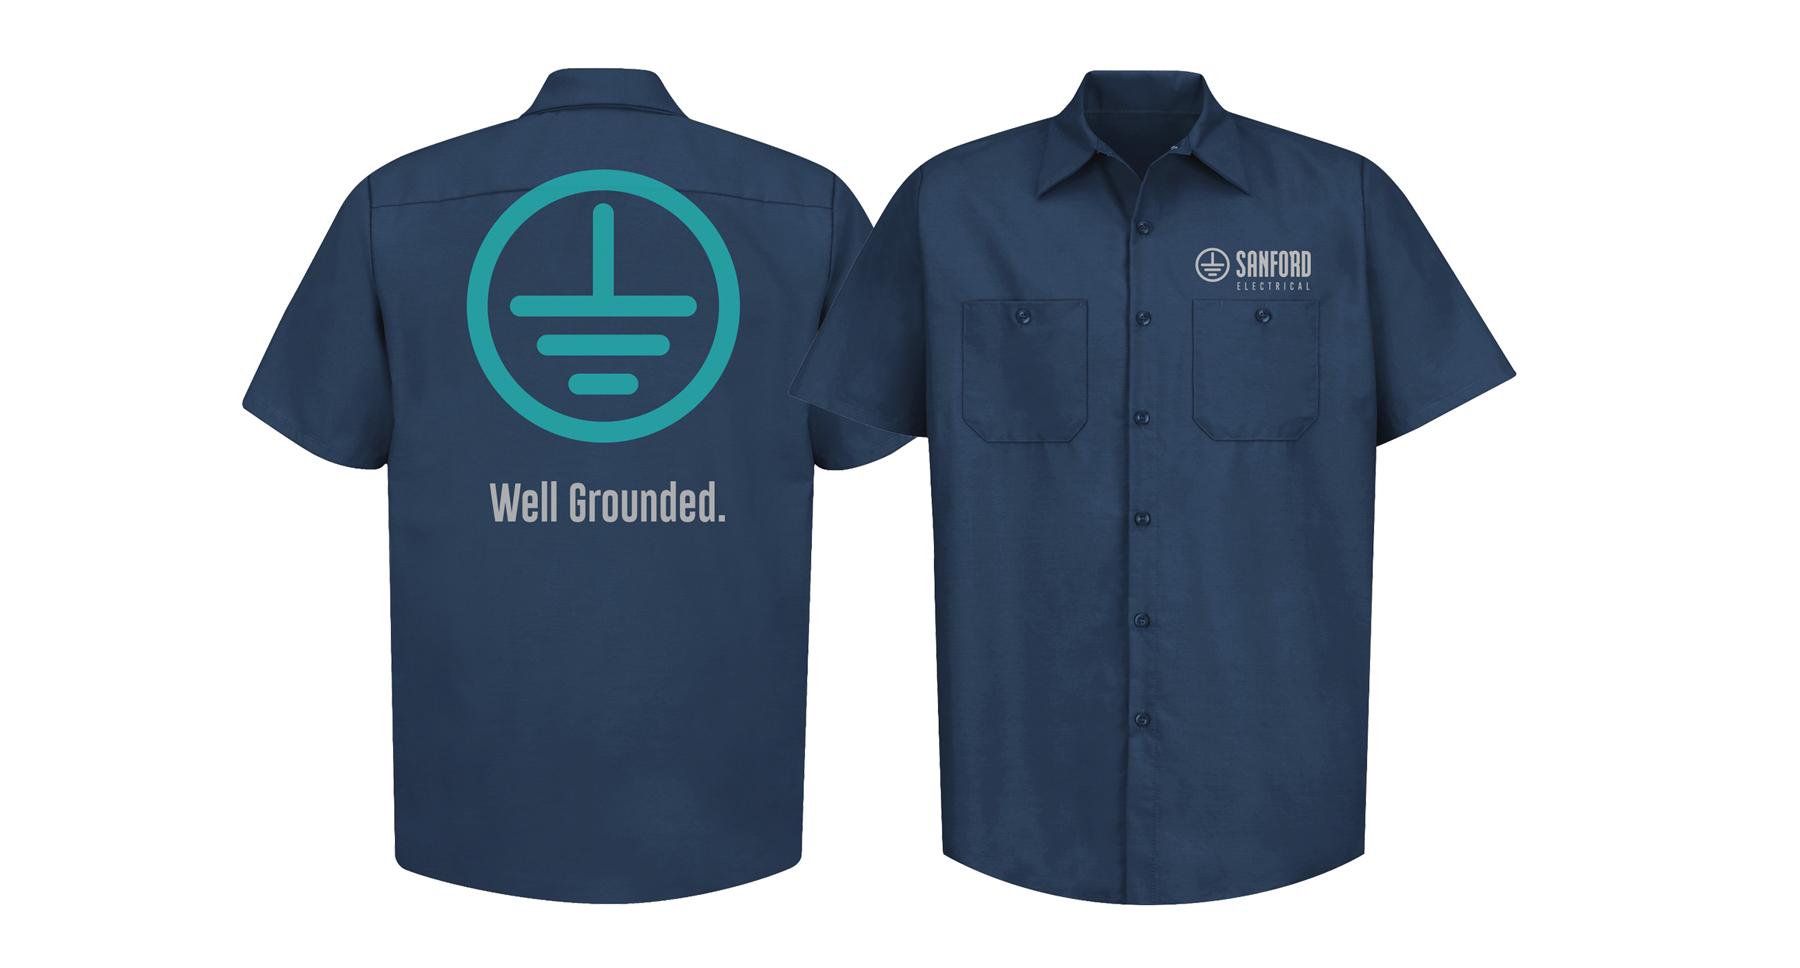 Sanford Shirts